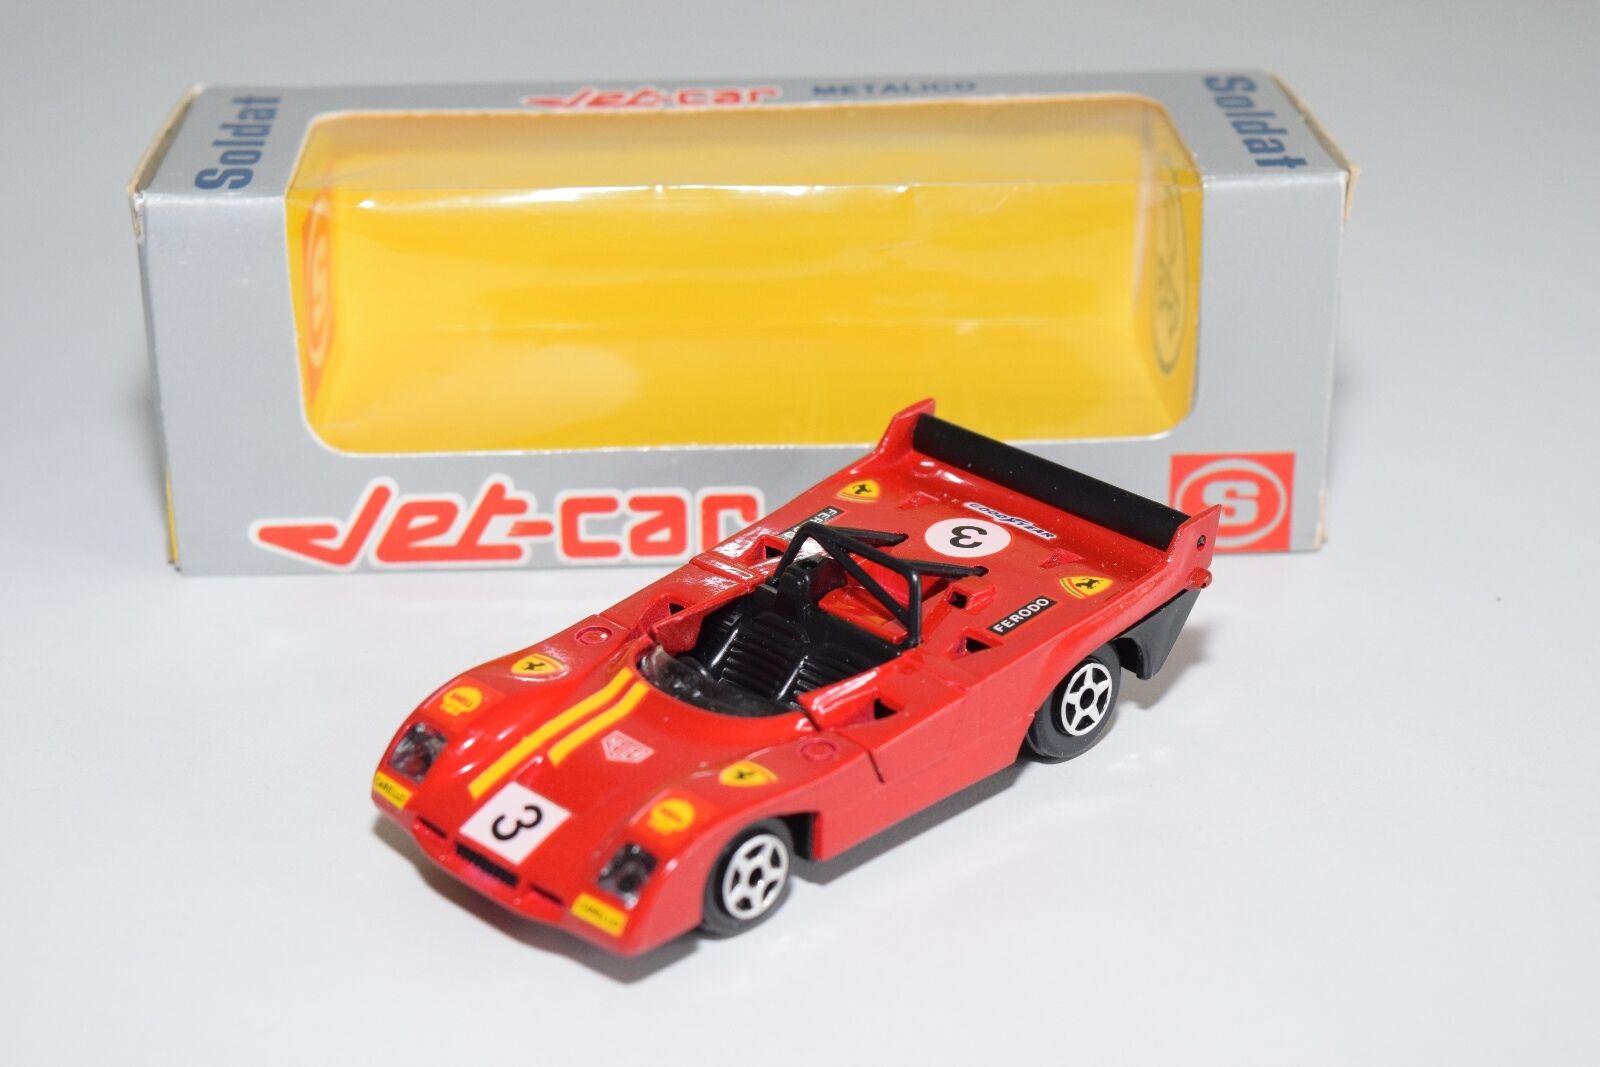 + NOREV JET-CAR SOLDAT SPANISH BOX 835 FERRARI 008   312 P MINT BOXED RARE